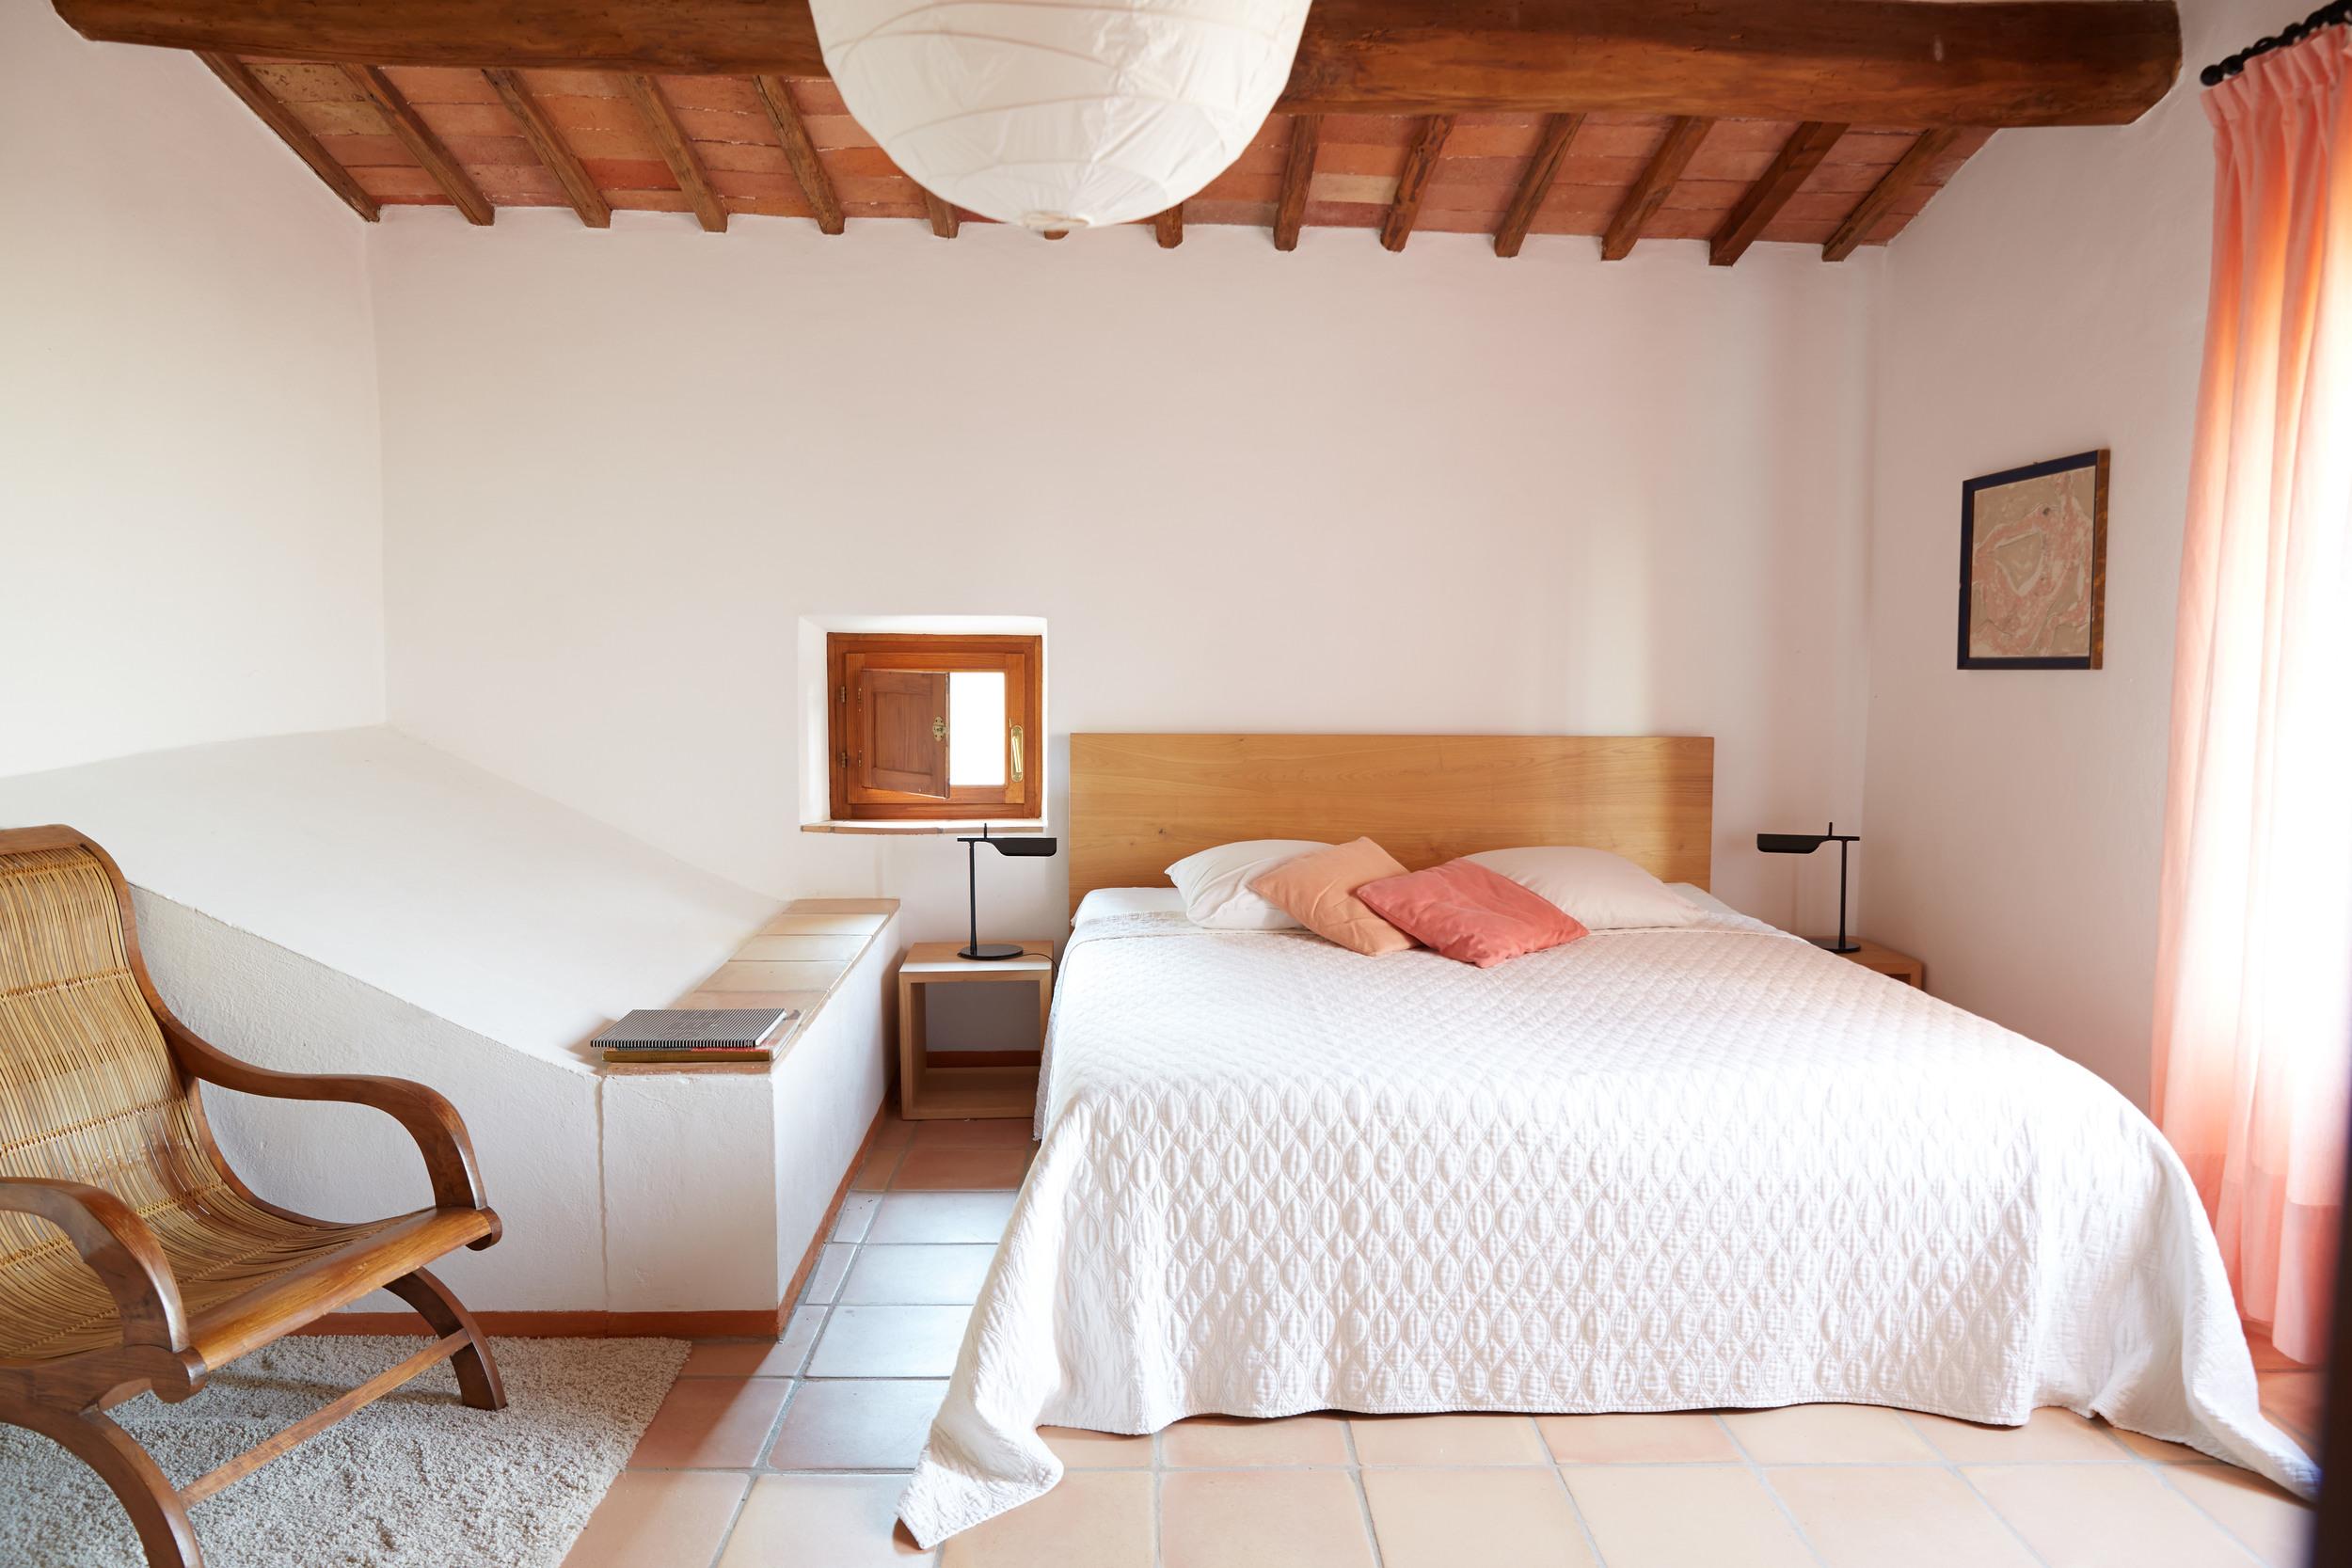 Attraktives, privates, typisch toscanisches Haus mit verschiedenen Wohnebenen für 4+ Personen. Ab 171 €/Tag (Off-Saison)